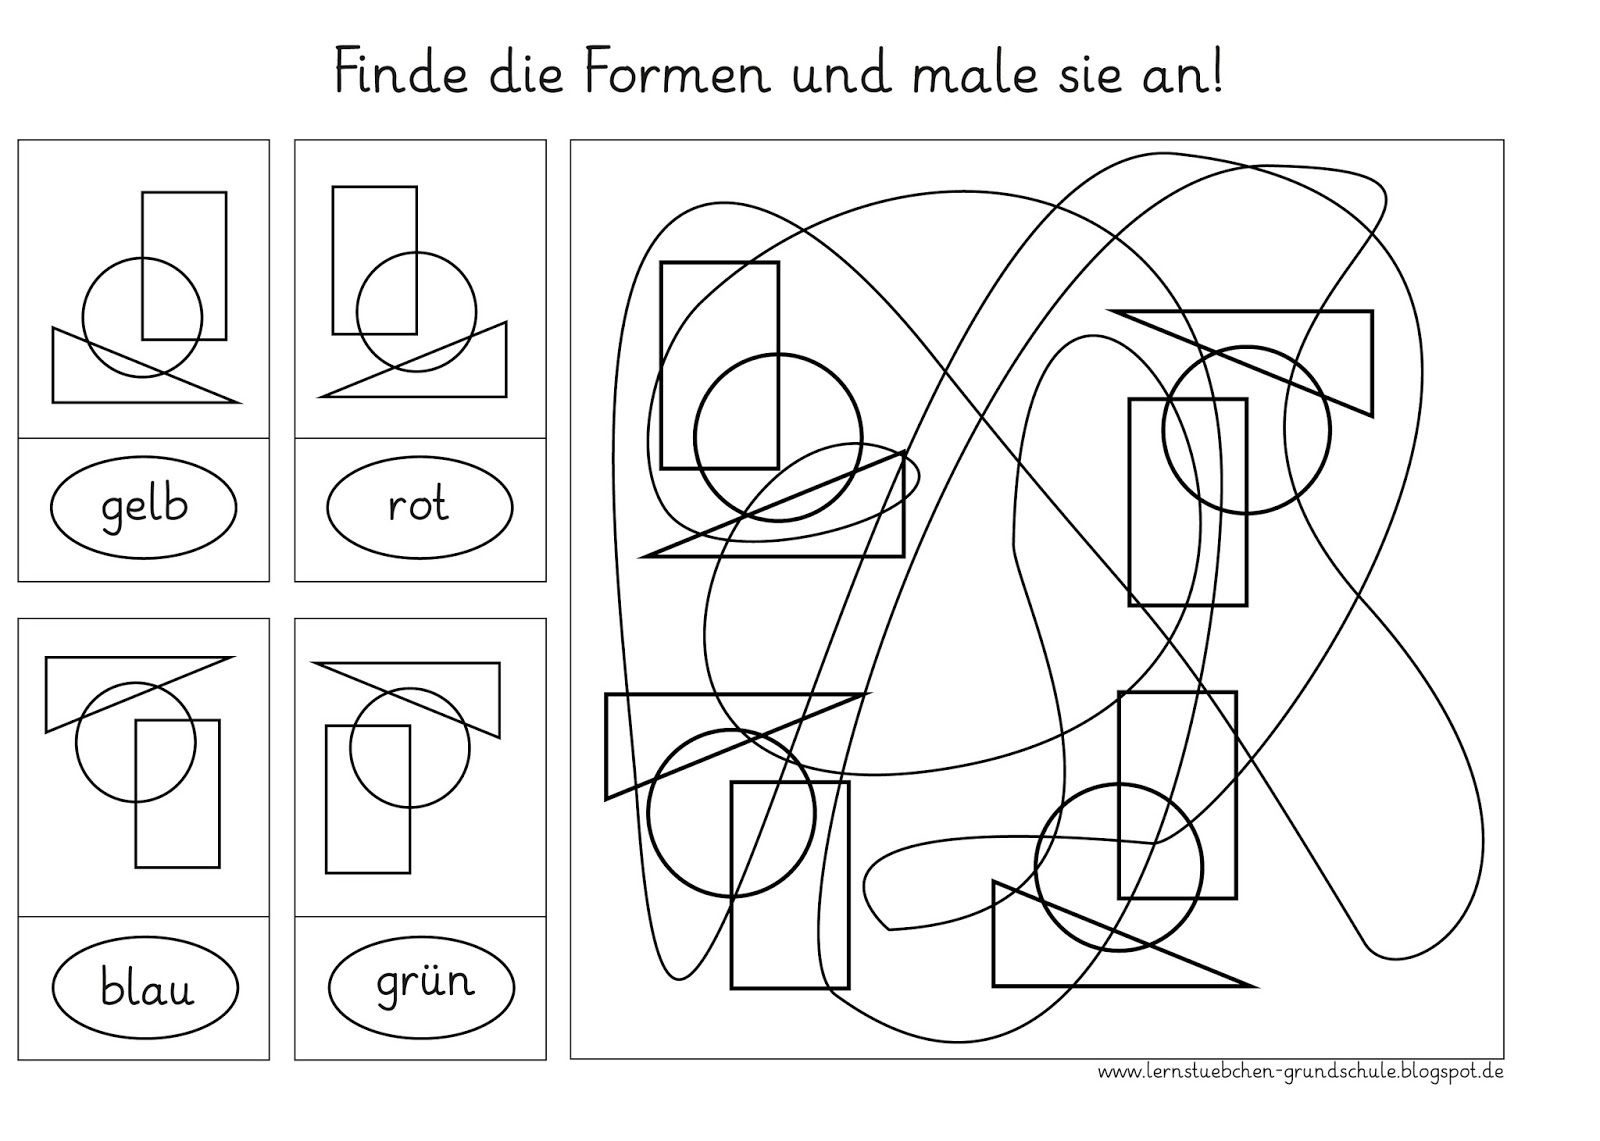 lernst bchen formen finden 1 die visuelle wahrnehmung schulen figure ground. Black Bedroom Furniture Sets. Home Design Ideas